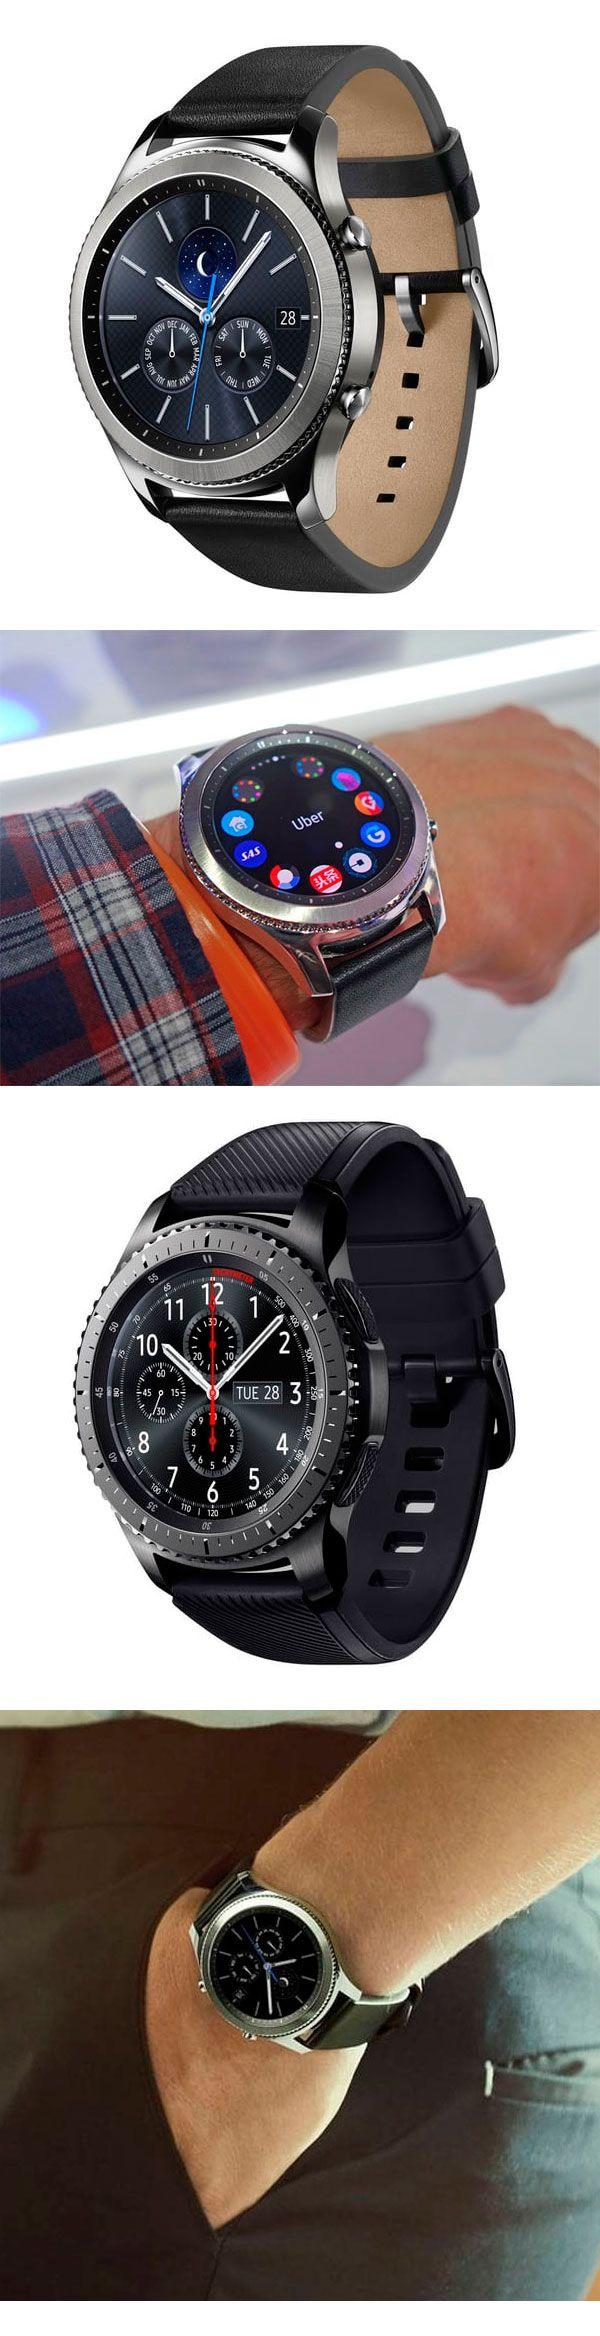 Умные часы #Samsung #GearS3 на конференции IFA 2016